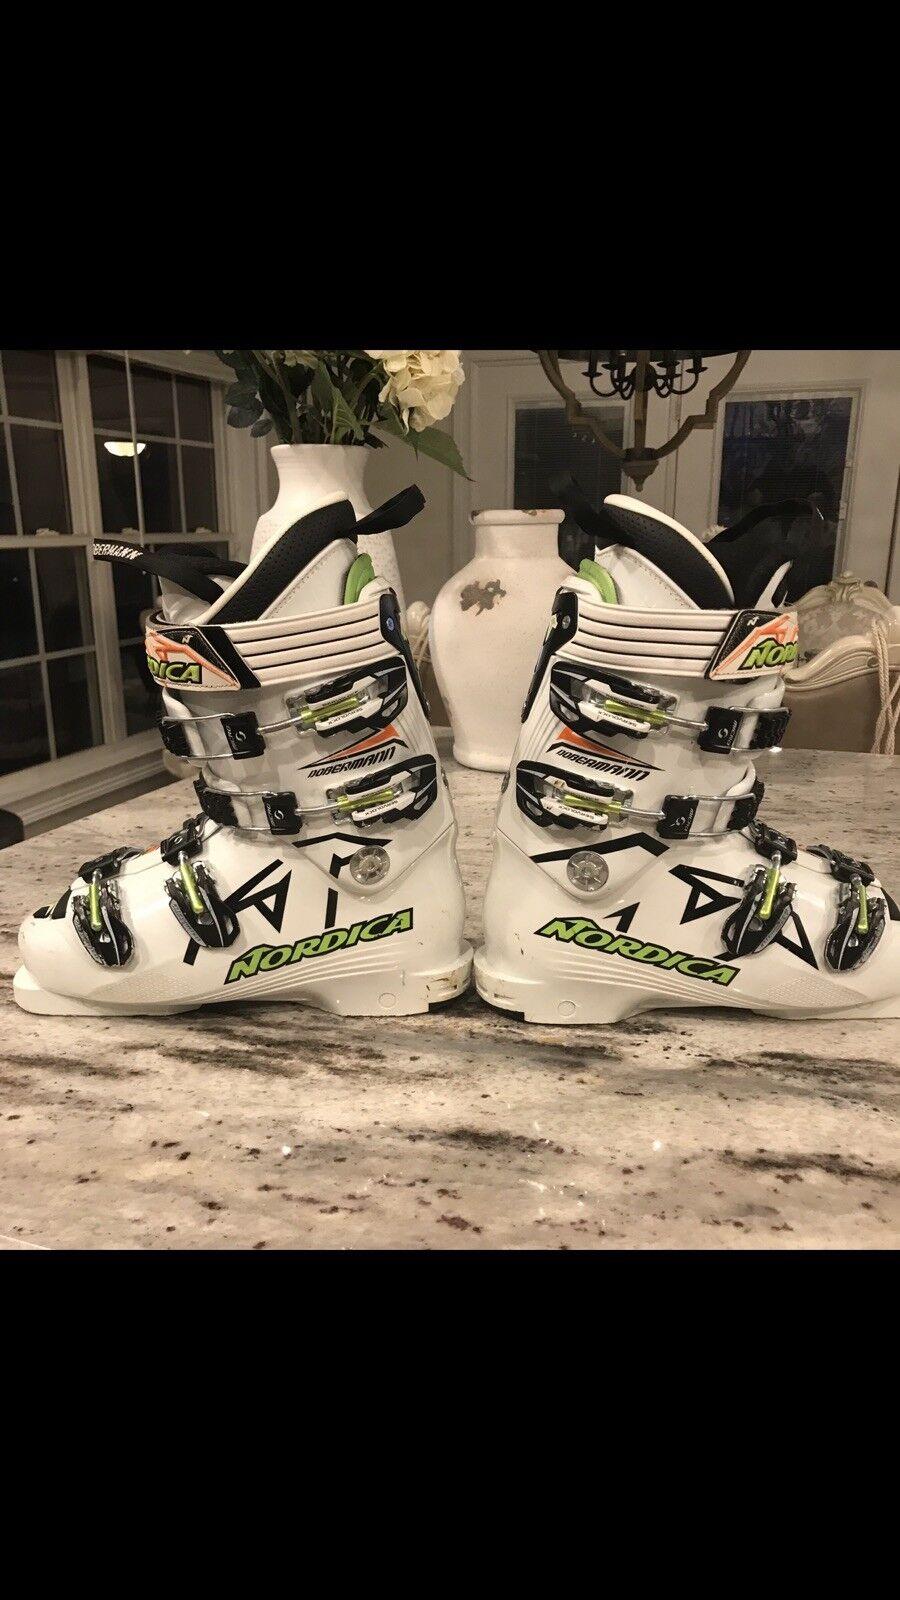 Nordica dobermann spitfire 100 W Race Ski Boots Size 6